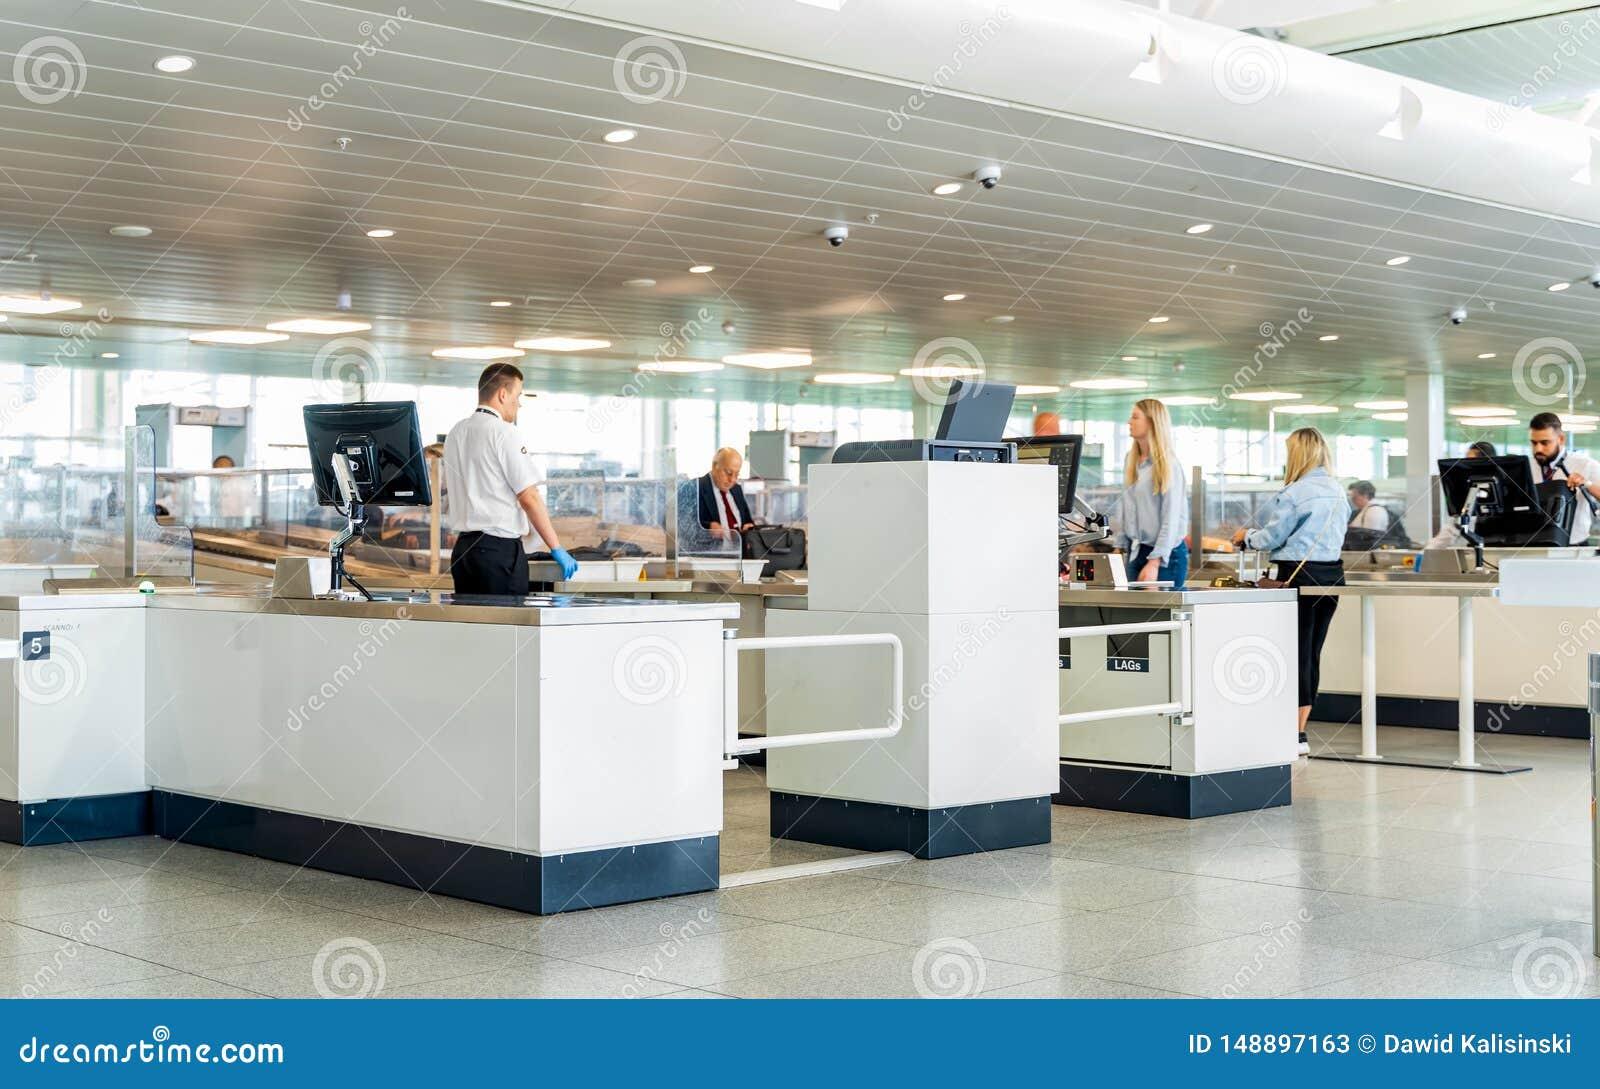 Аэропорт Брюсселя, Бельгии, мая 2019 Брюсселя, ручной багаж и просматривать и осмотр пассажиров